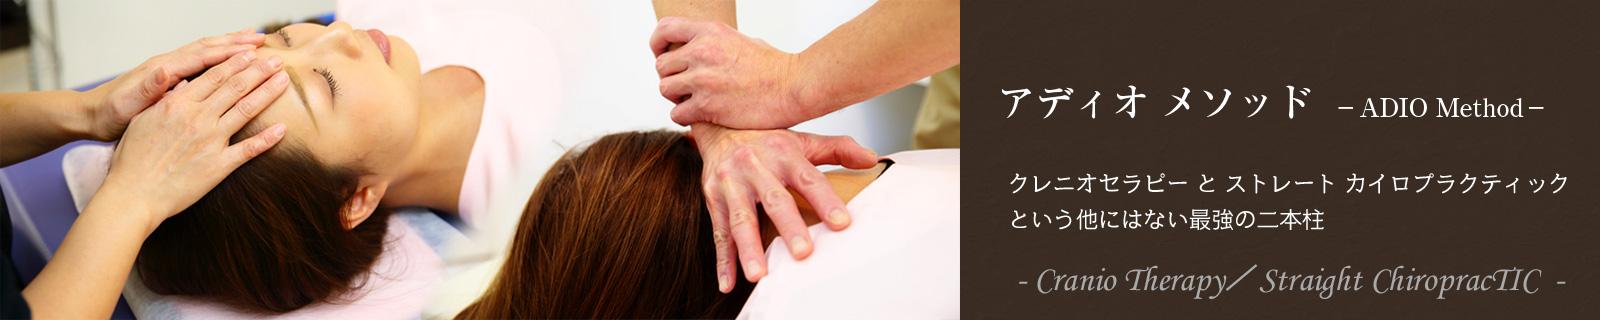 アディオ メソッド -ADIO Method- クレニオセラピー と ストレート カイロプラクティックという他にはない最強の二本柱! <Cranio Therapy/Straight ChiropracTIC>